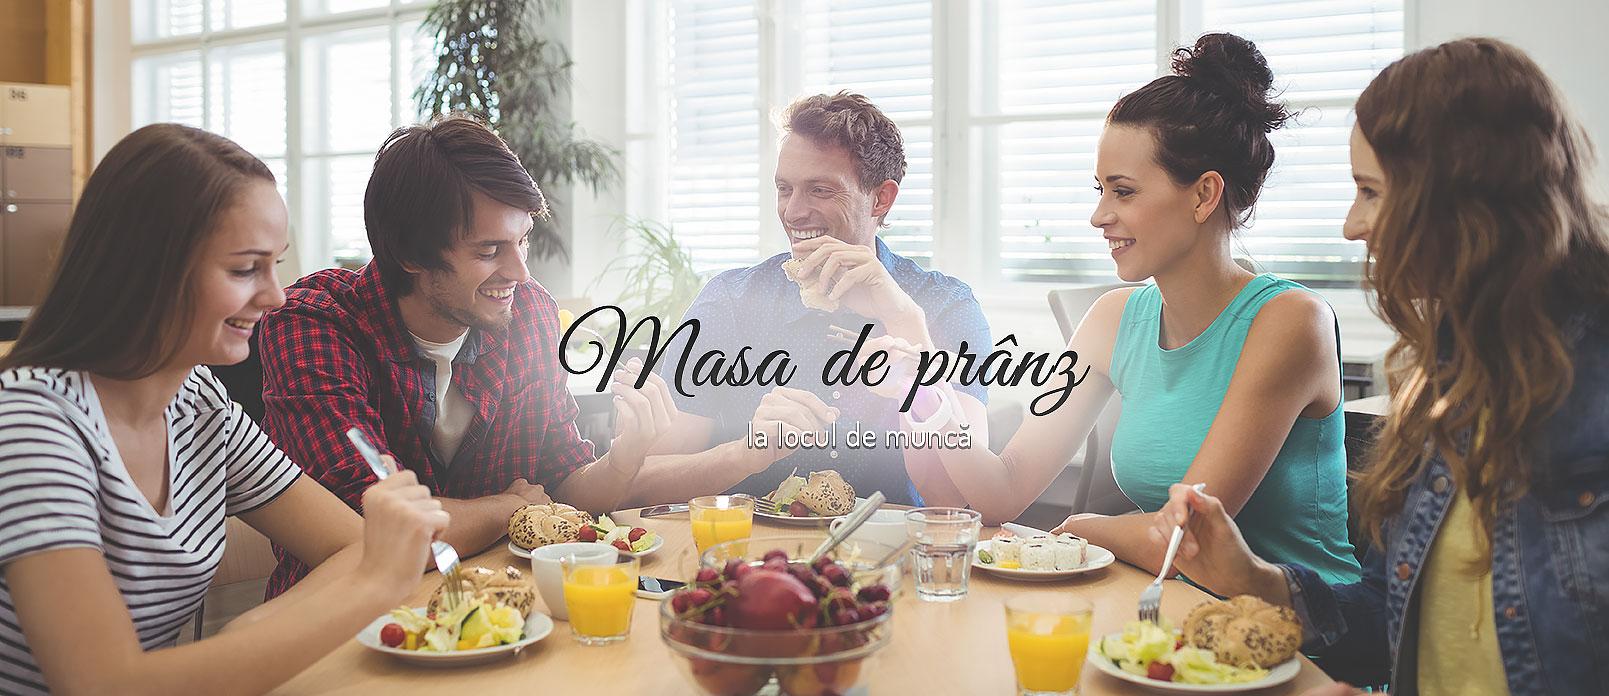 slide-4-masa-de-pranz